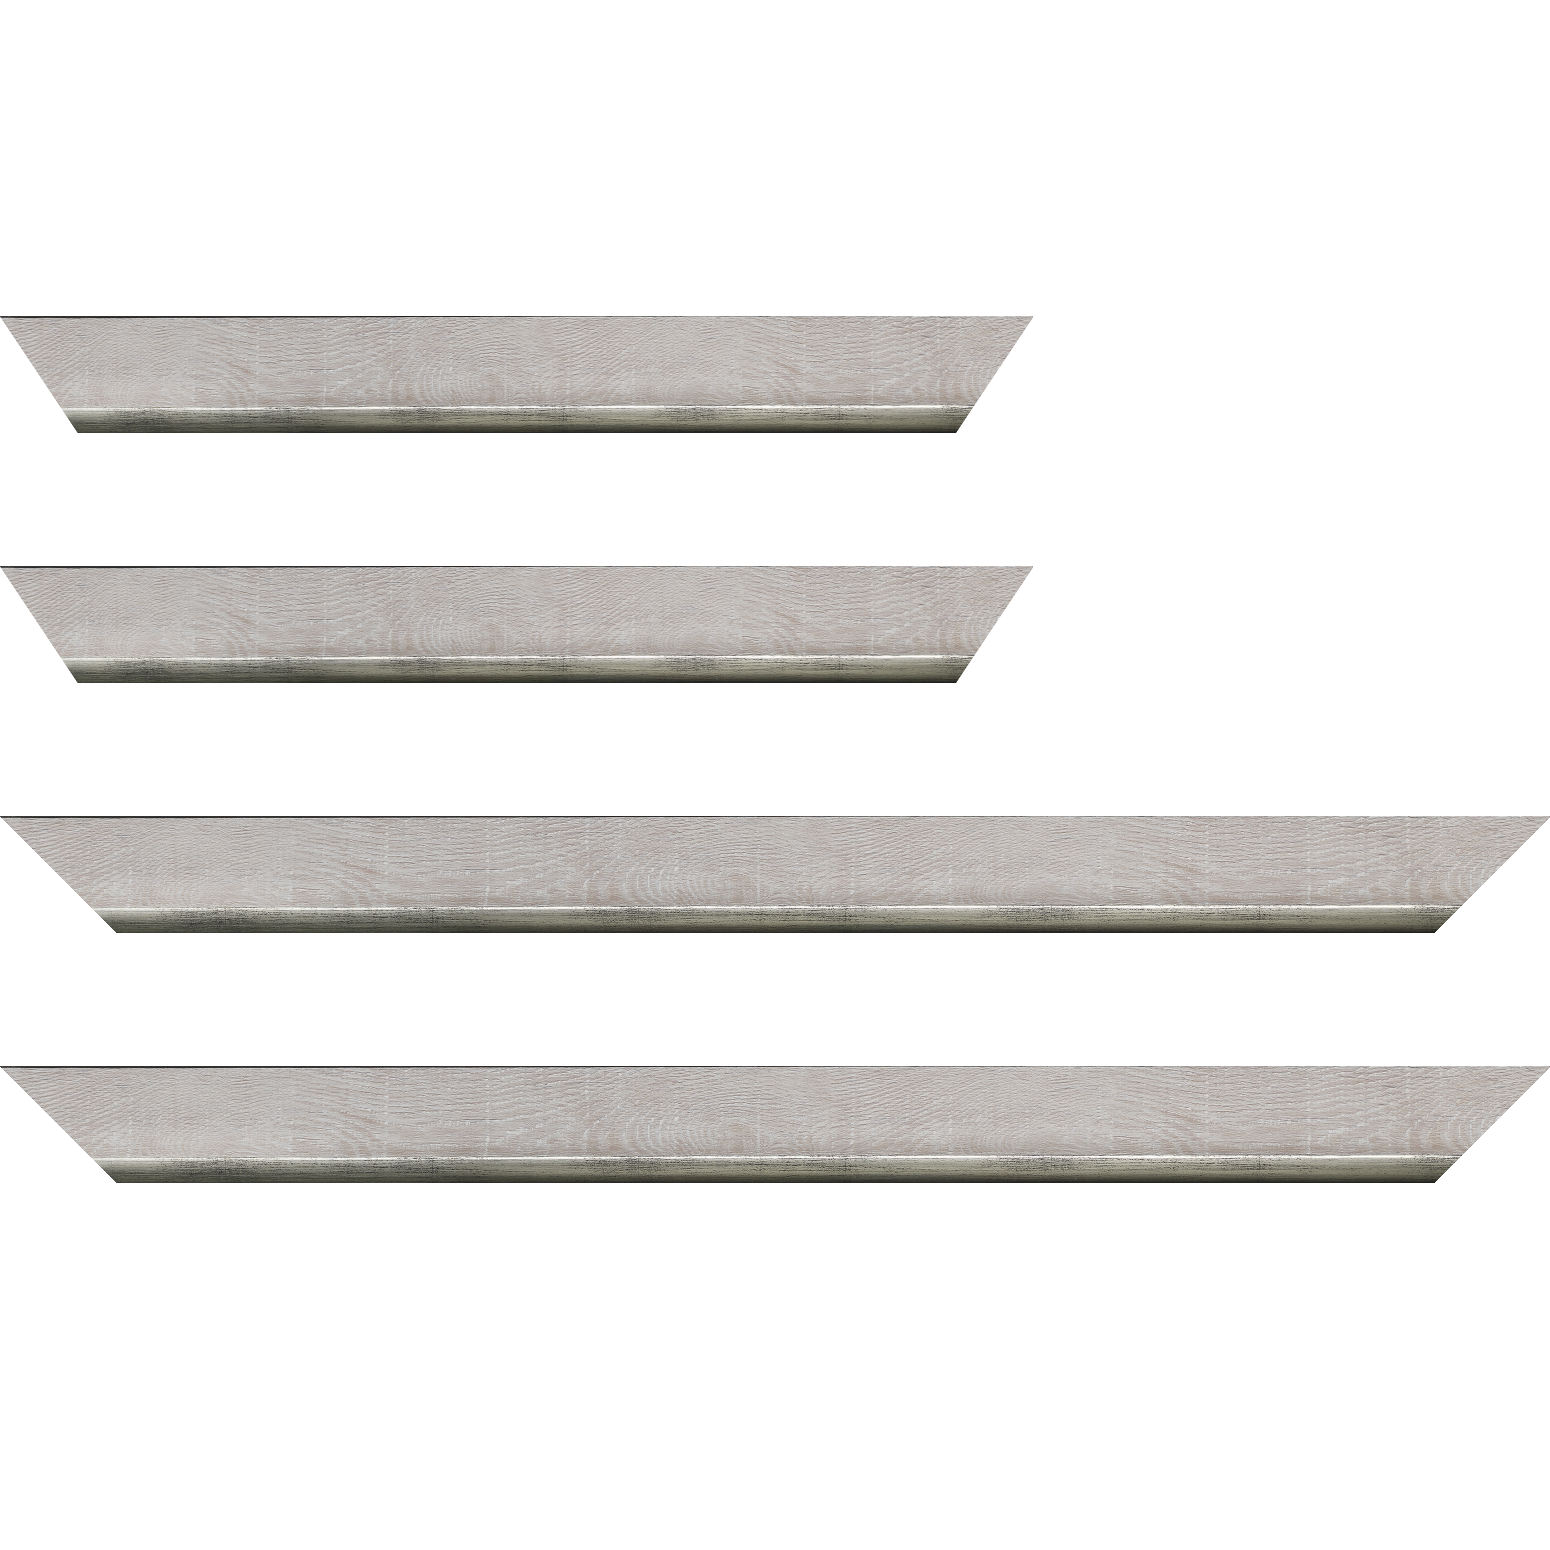 Baguette service précoupé Bois profil plat en pente largeur 3.5cm de couleur ton bois veiné teinté gris  filet argent chaud